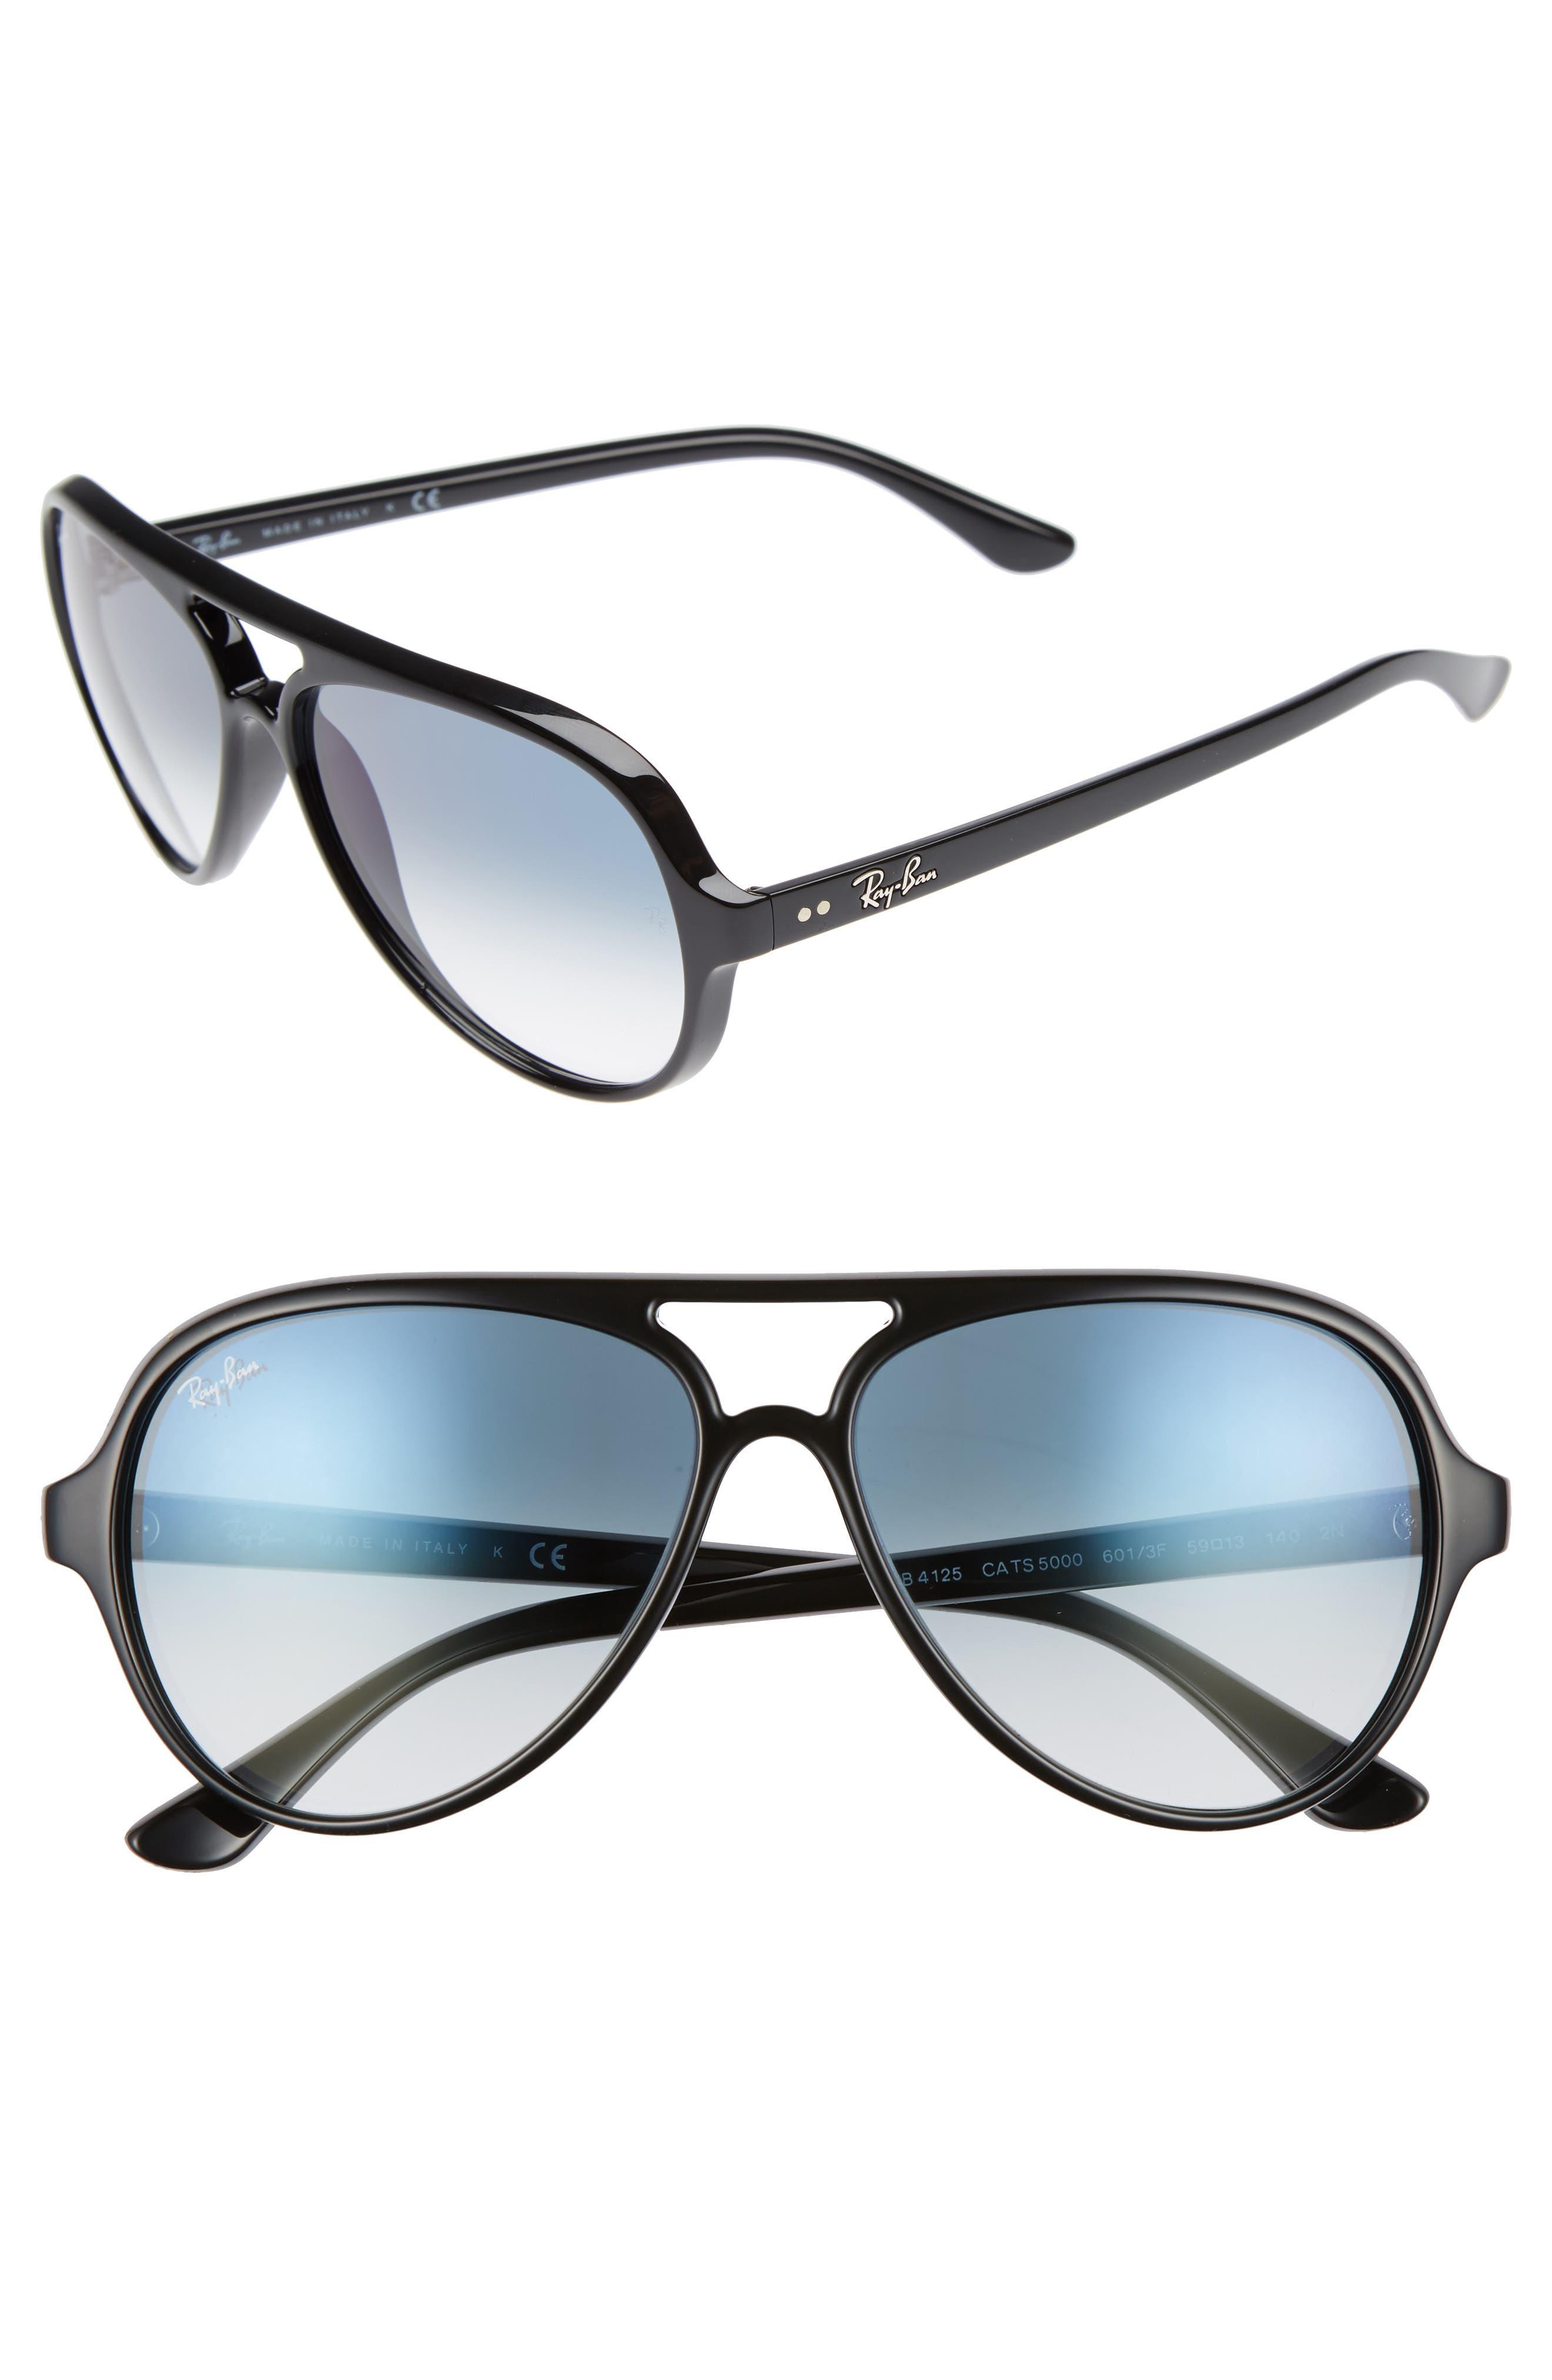 59mm Resin Aviator Sunglasses,                             Alternate thumbnail 2, color,                             003